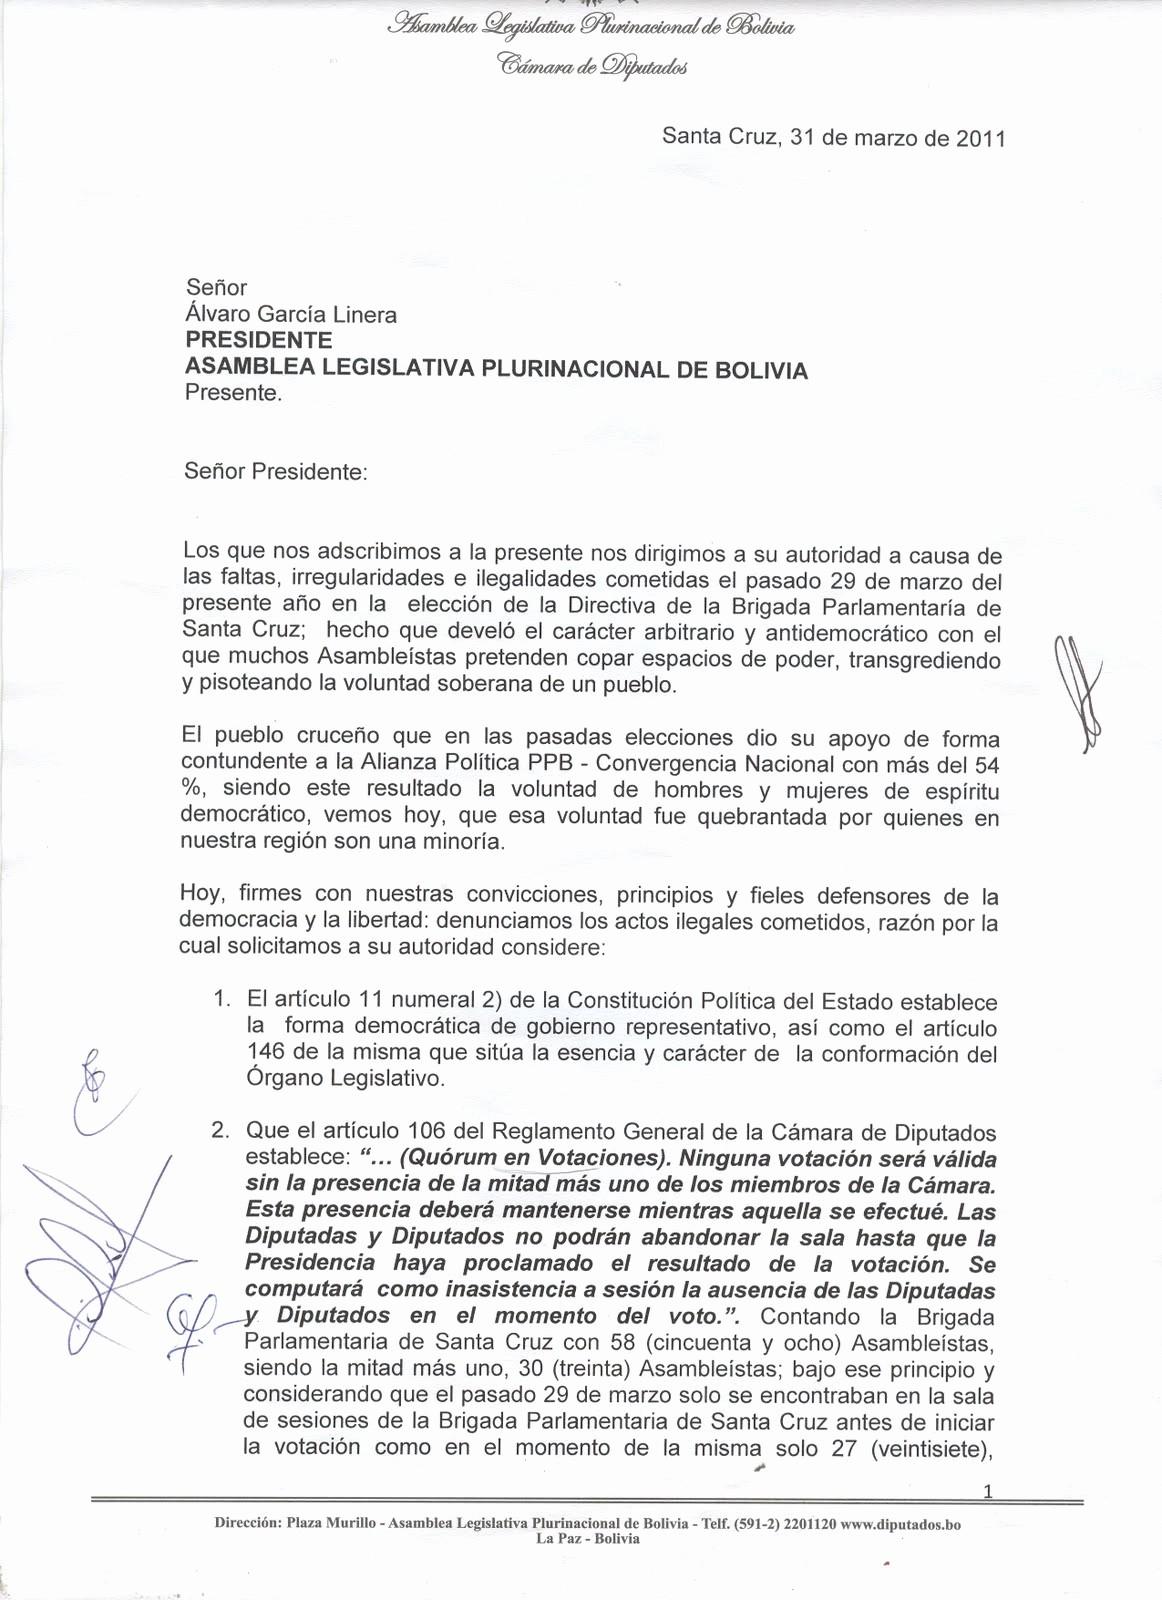 Carta Dirigida A Una Autoridad Best Of Convergencia Carta De Impugnación A Elección En La